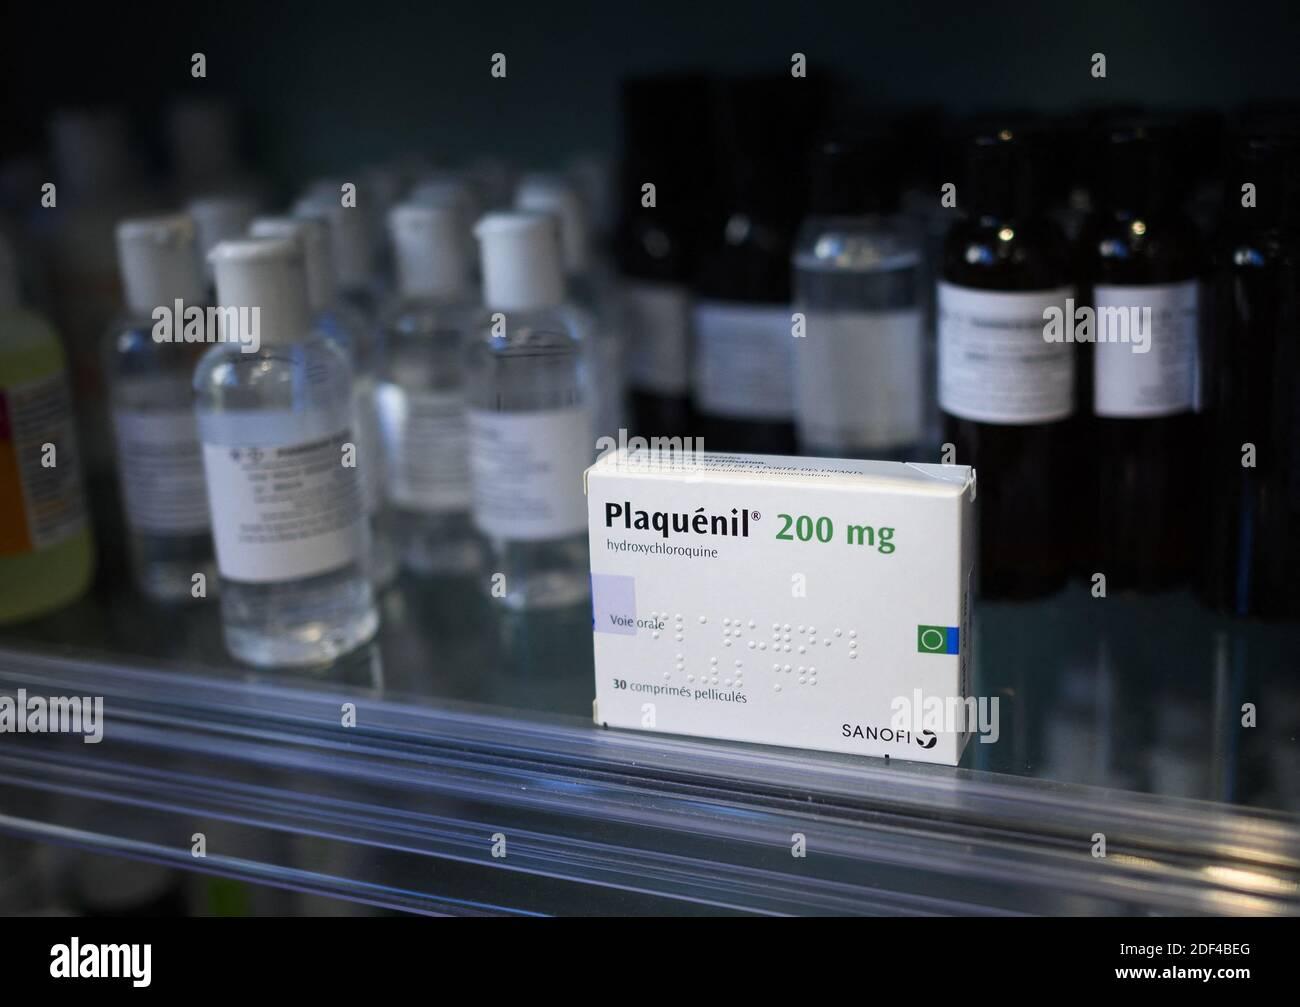 """Una caja de Plaquenil (o cloroquina, hidroxicloroquina) el 30 de marzo de 2020 en París, Francia. La cloroquina es un medicamento antimalaria existente, que se usa tanto para prevenir la enfermedad como para tratarla. Es conocida por la Marca Nivaquine o, para hidroxicloroquina, Plaquenil y es la forma sintética de la quinina. El domingo, el Departamento de Salud y Servicios Humanos de los Estados Unidos (HHS) dijo en una declaración que la cloroquina y la hidroxicloroquina podrían recetarse a adolescentes y adultos con COVID-19 """"según corresponda, cuando un ensayo clínico no está disponible o factible"""", después de que la FDA emitió una autorización de uso de emergencia. Foto de stock"""